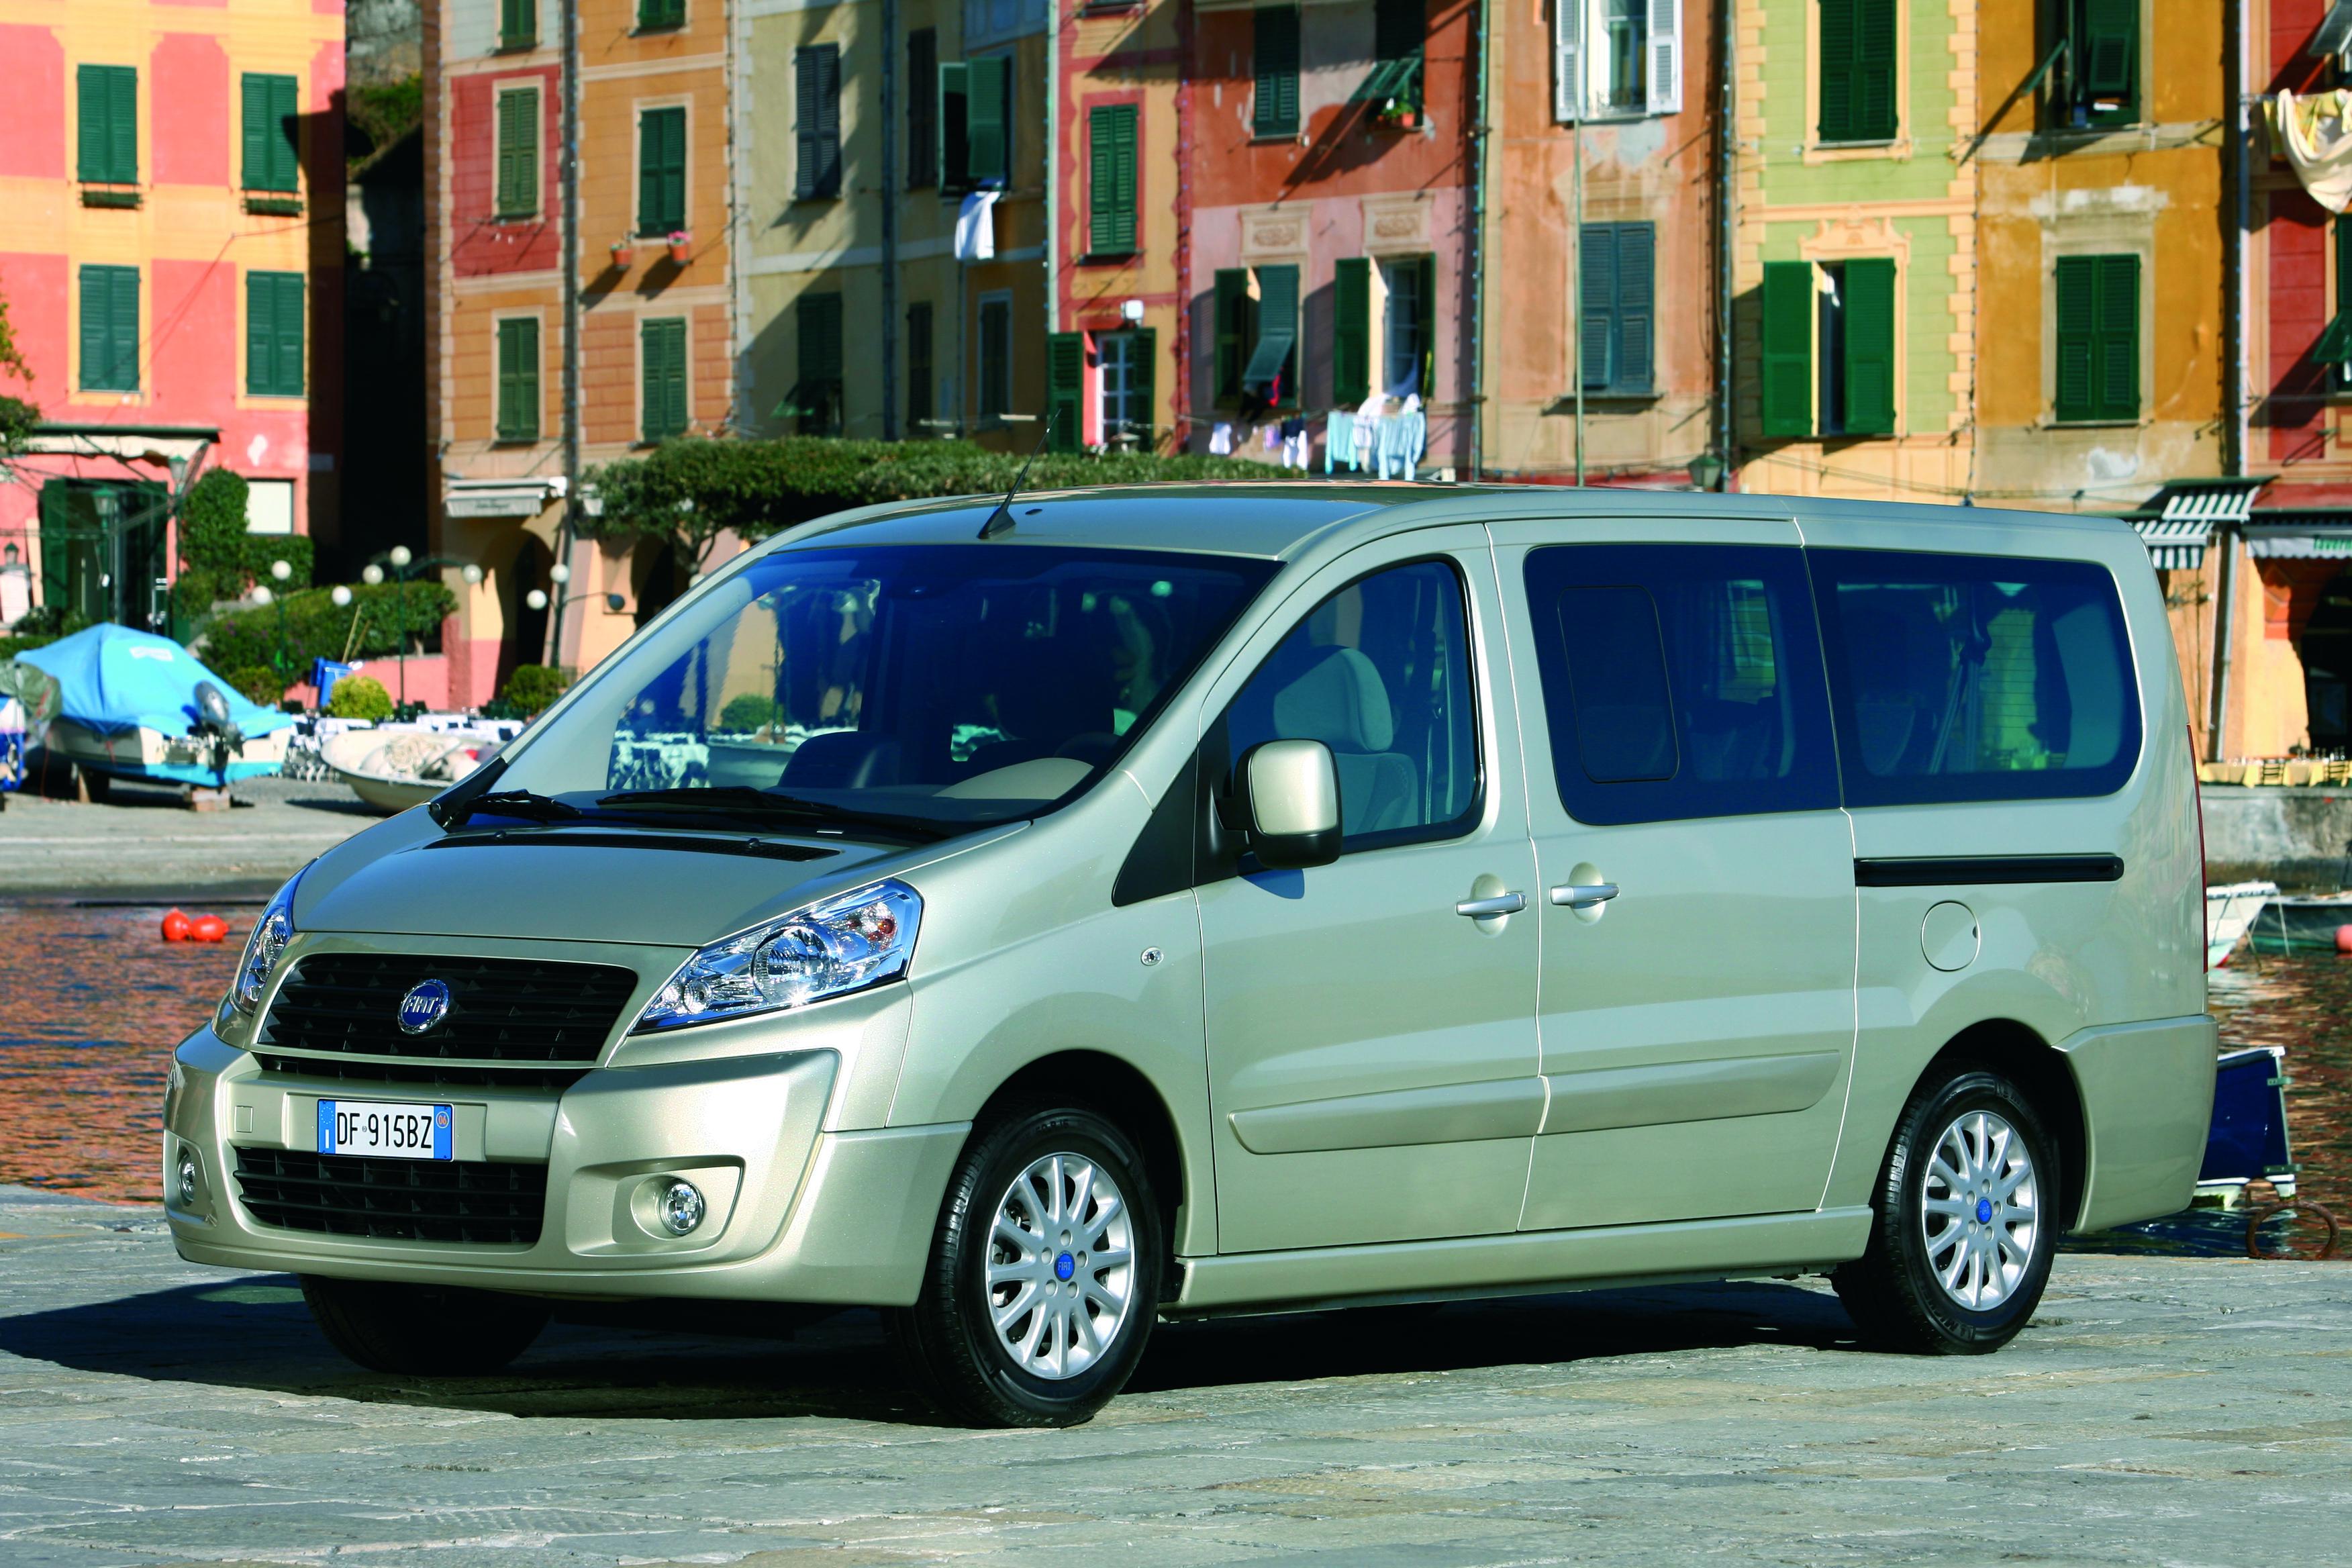 Poważnie Fiat Scudo II Dostawczy - recenzje i testy, opinie, zdjęcia i dane XU81